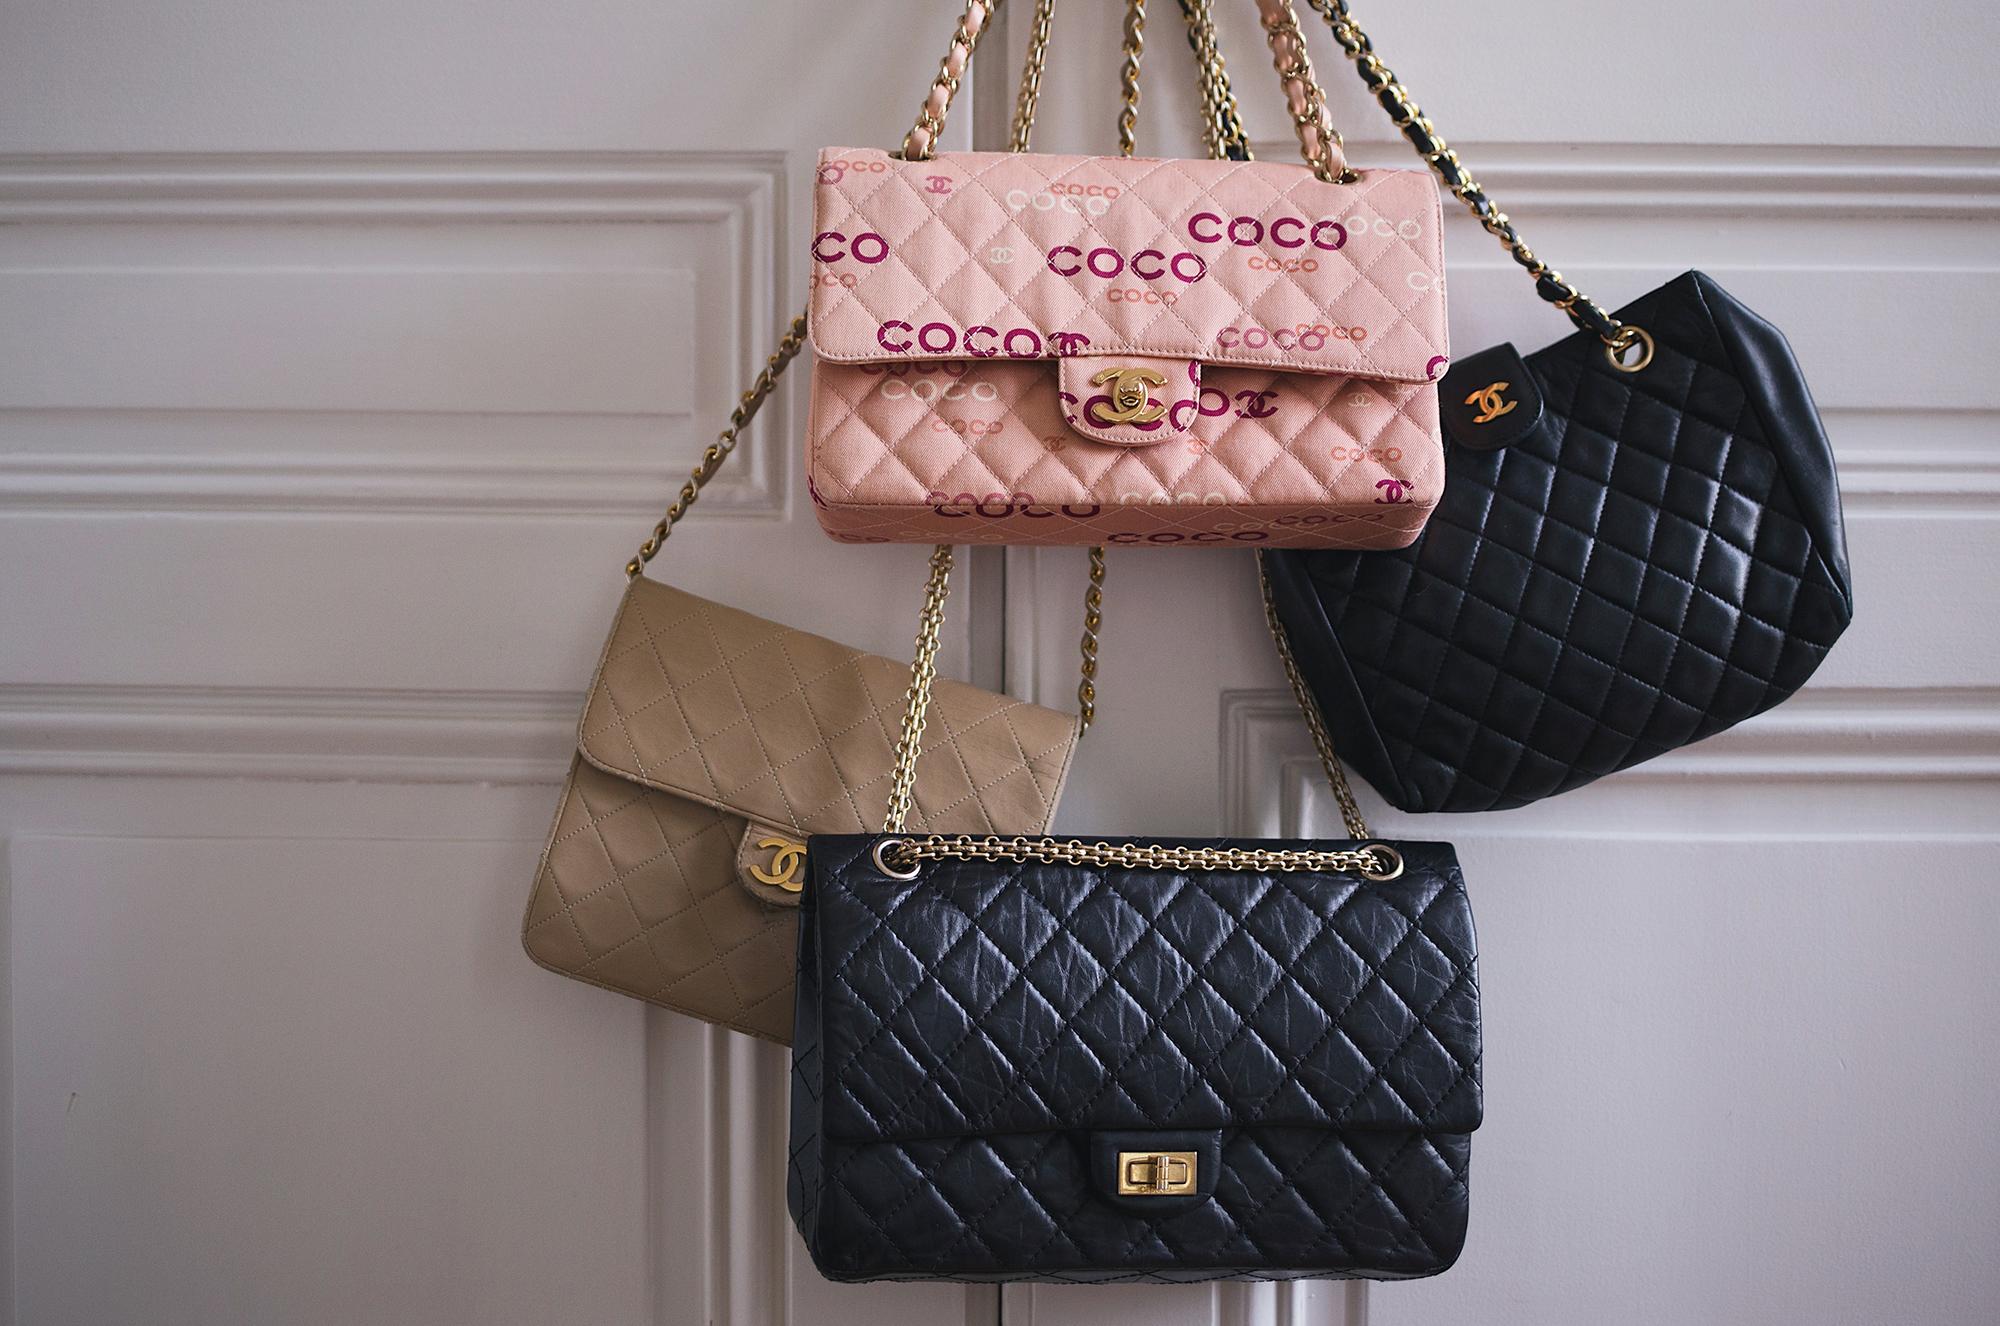 Investir dans un sac de luxe - Zoé Bassetto - blog mode - beauté ... a99bd124090